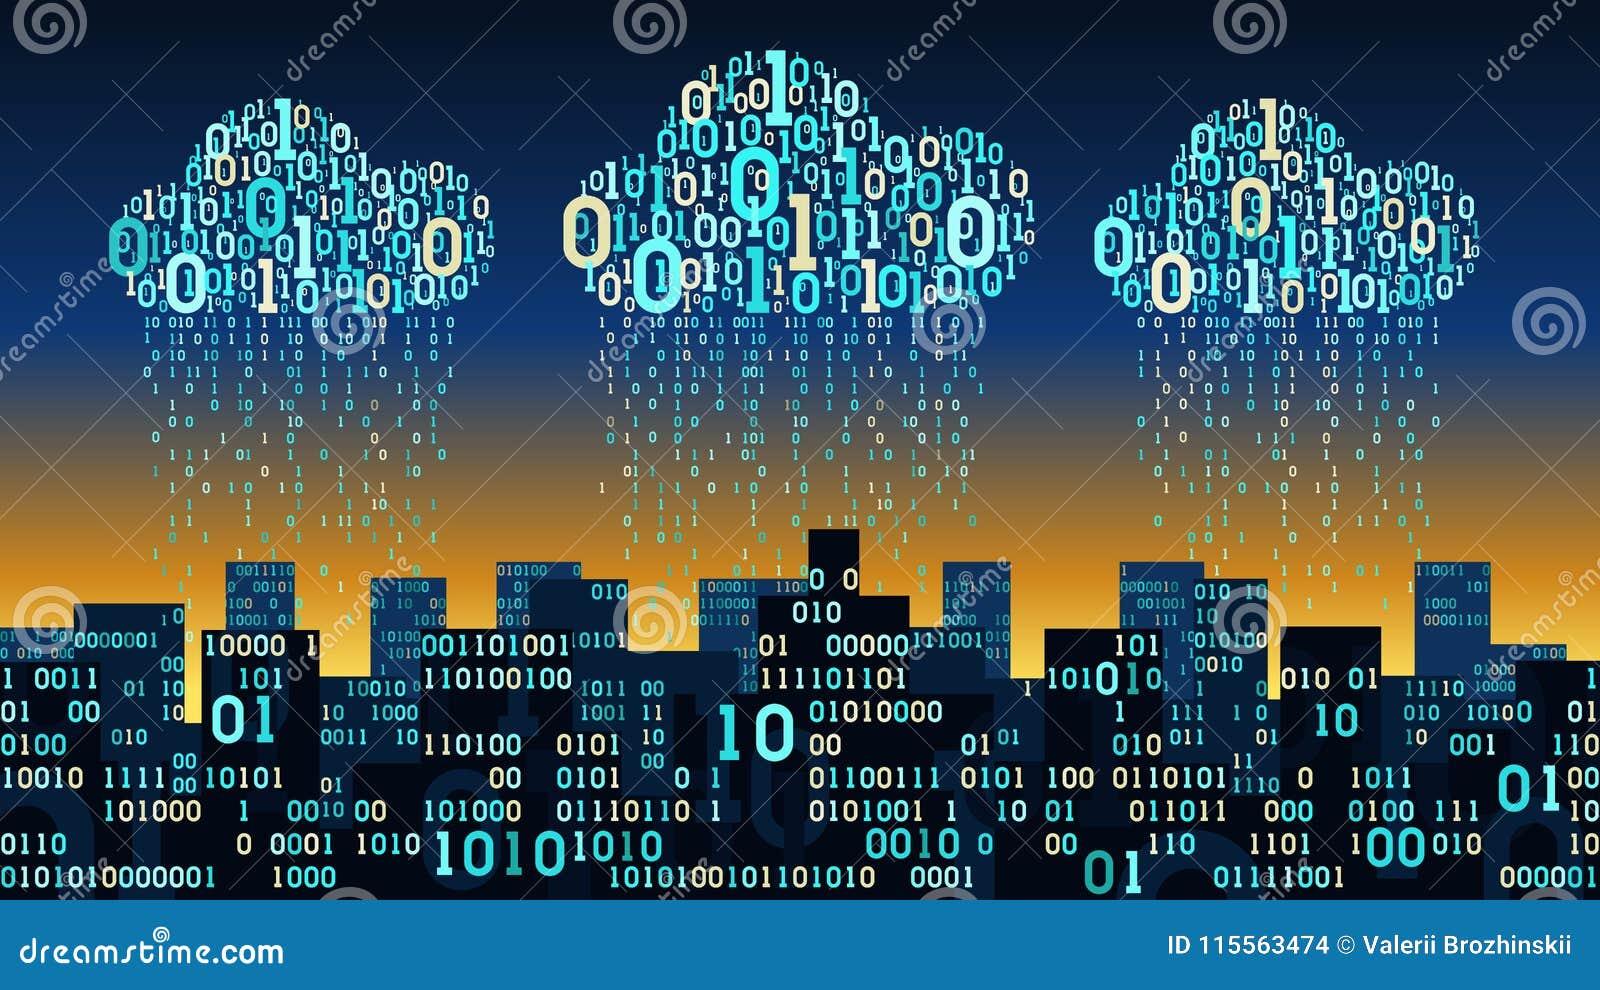 De abstracte futuristische slimme stad met de kunstmatige intelligentie verbond met wolkenopslag, de binaire stroom van regengege